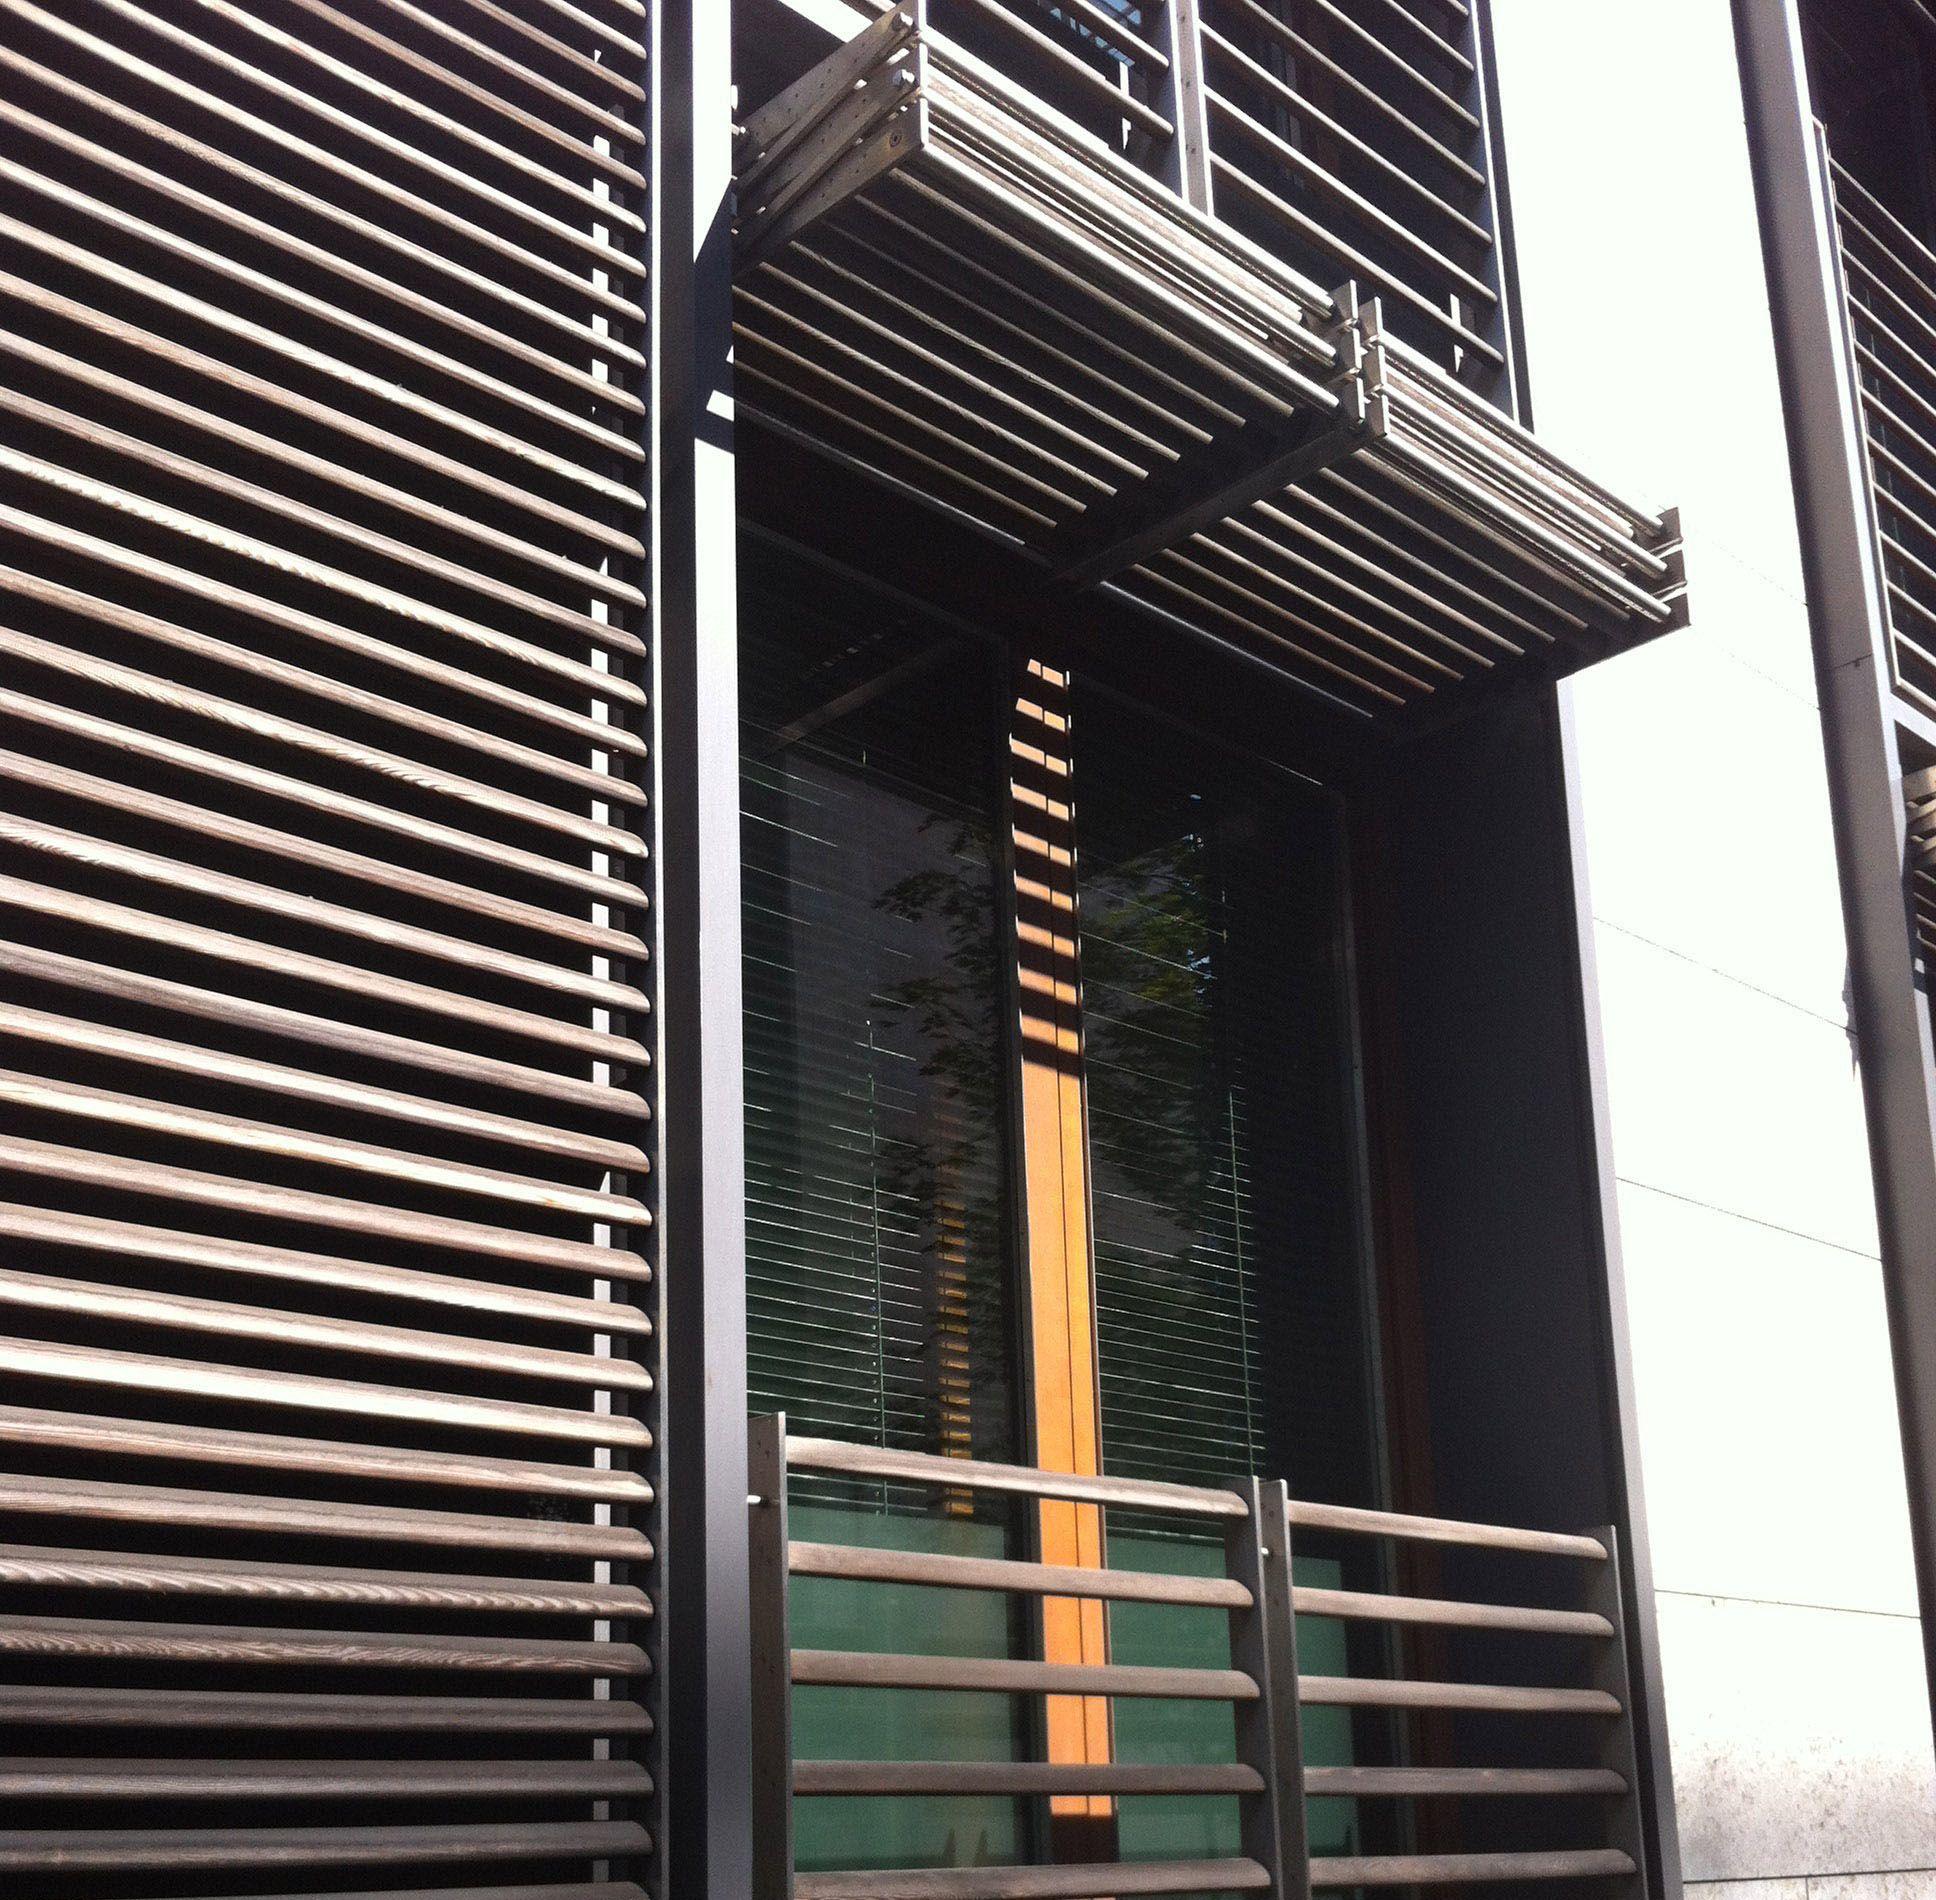 Berlin vertical folding sliding louvered shutter [220 ...